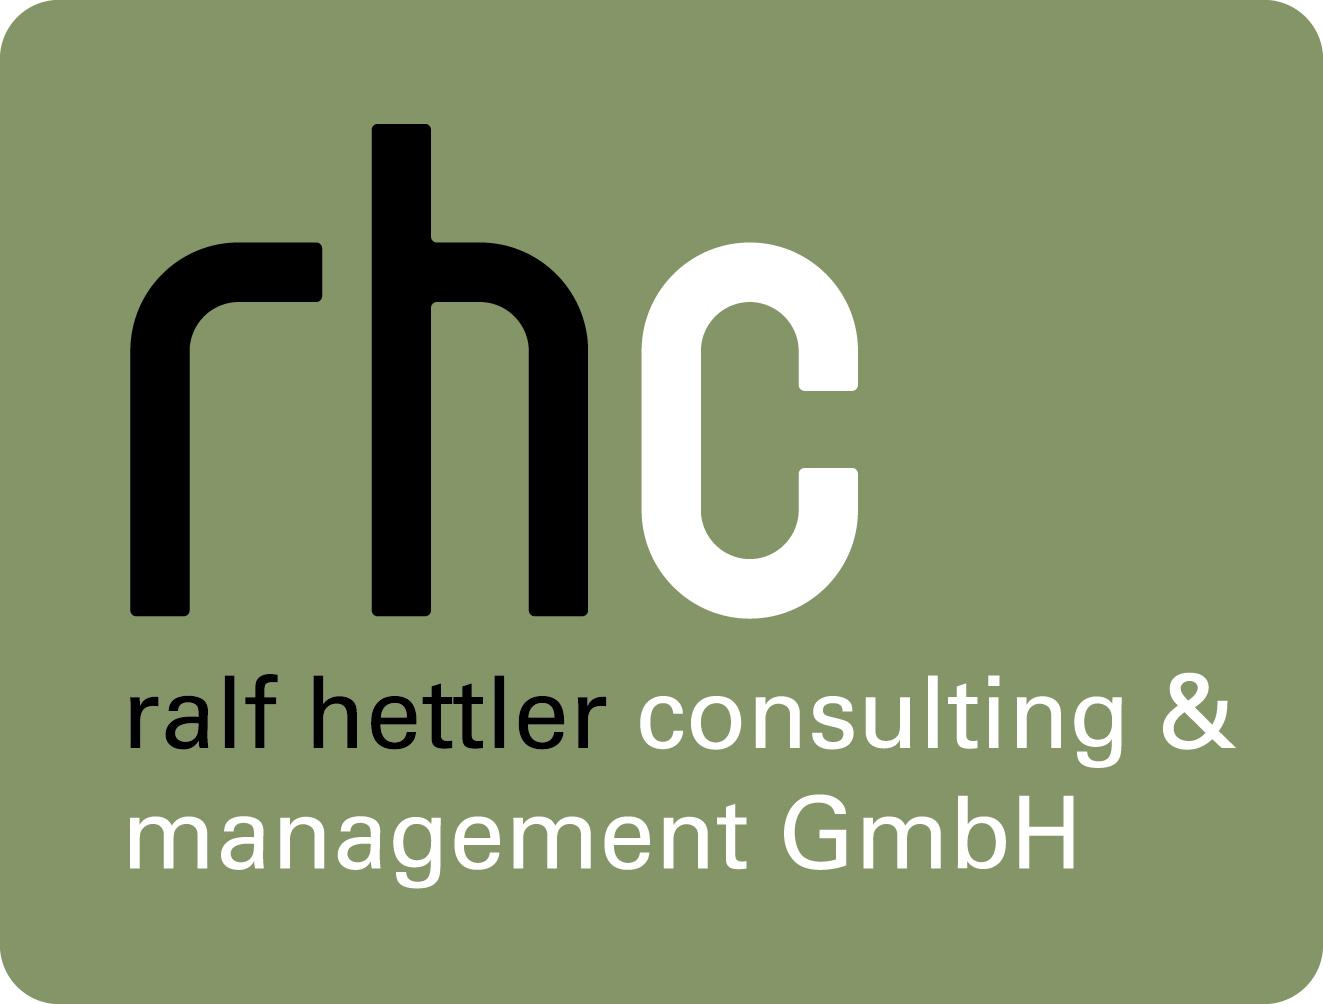 rhc-Logo-gmbh.jpg